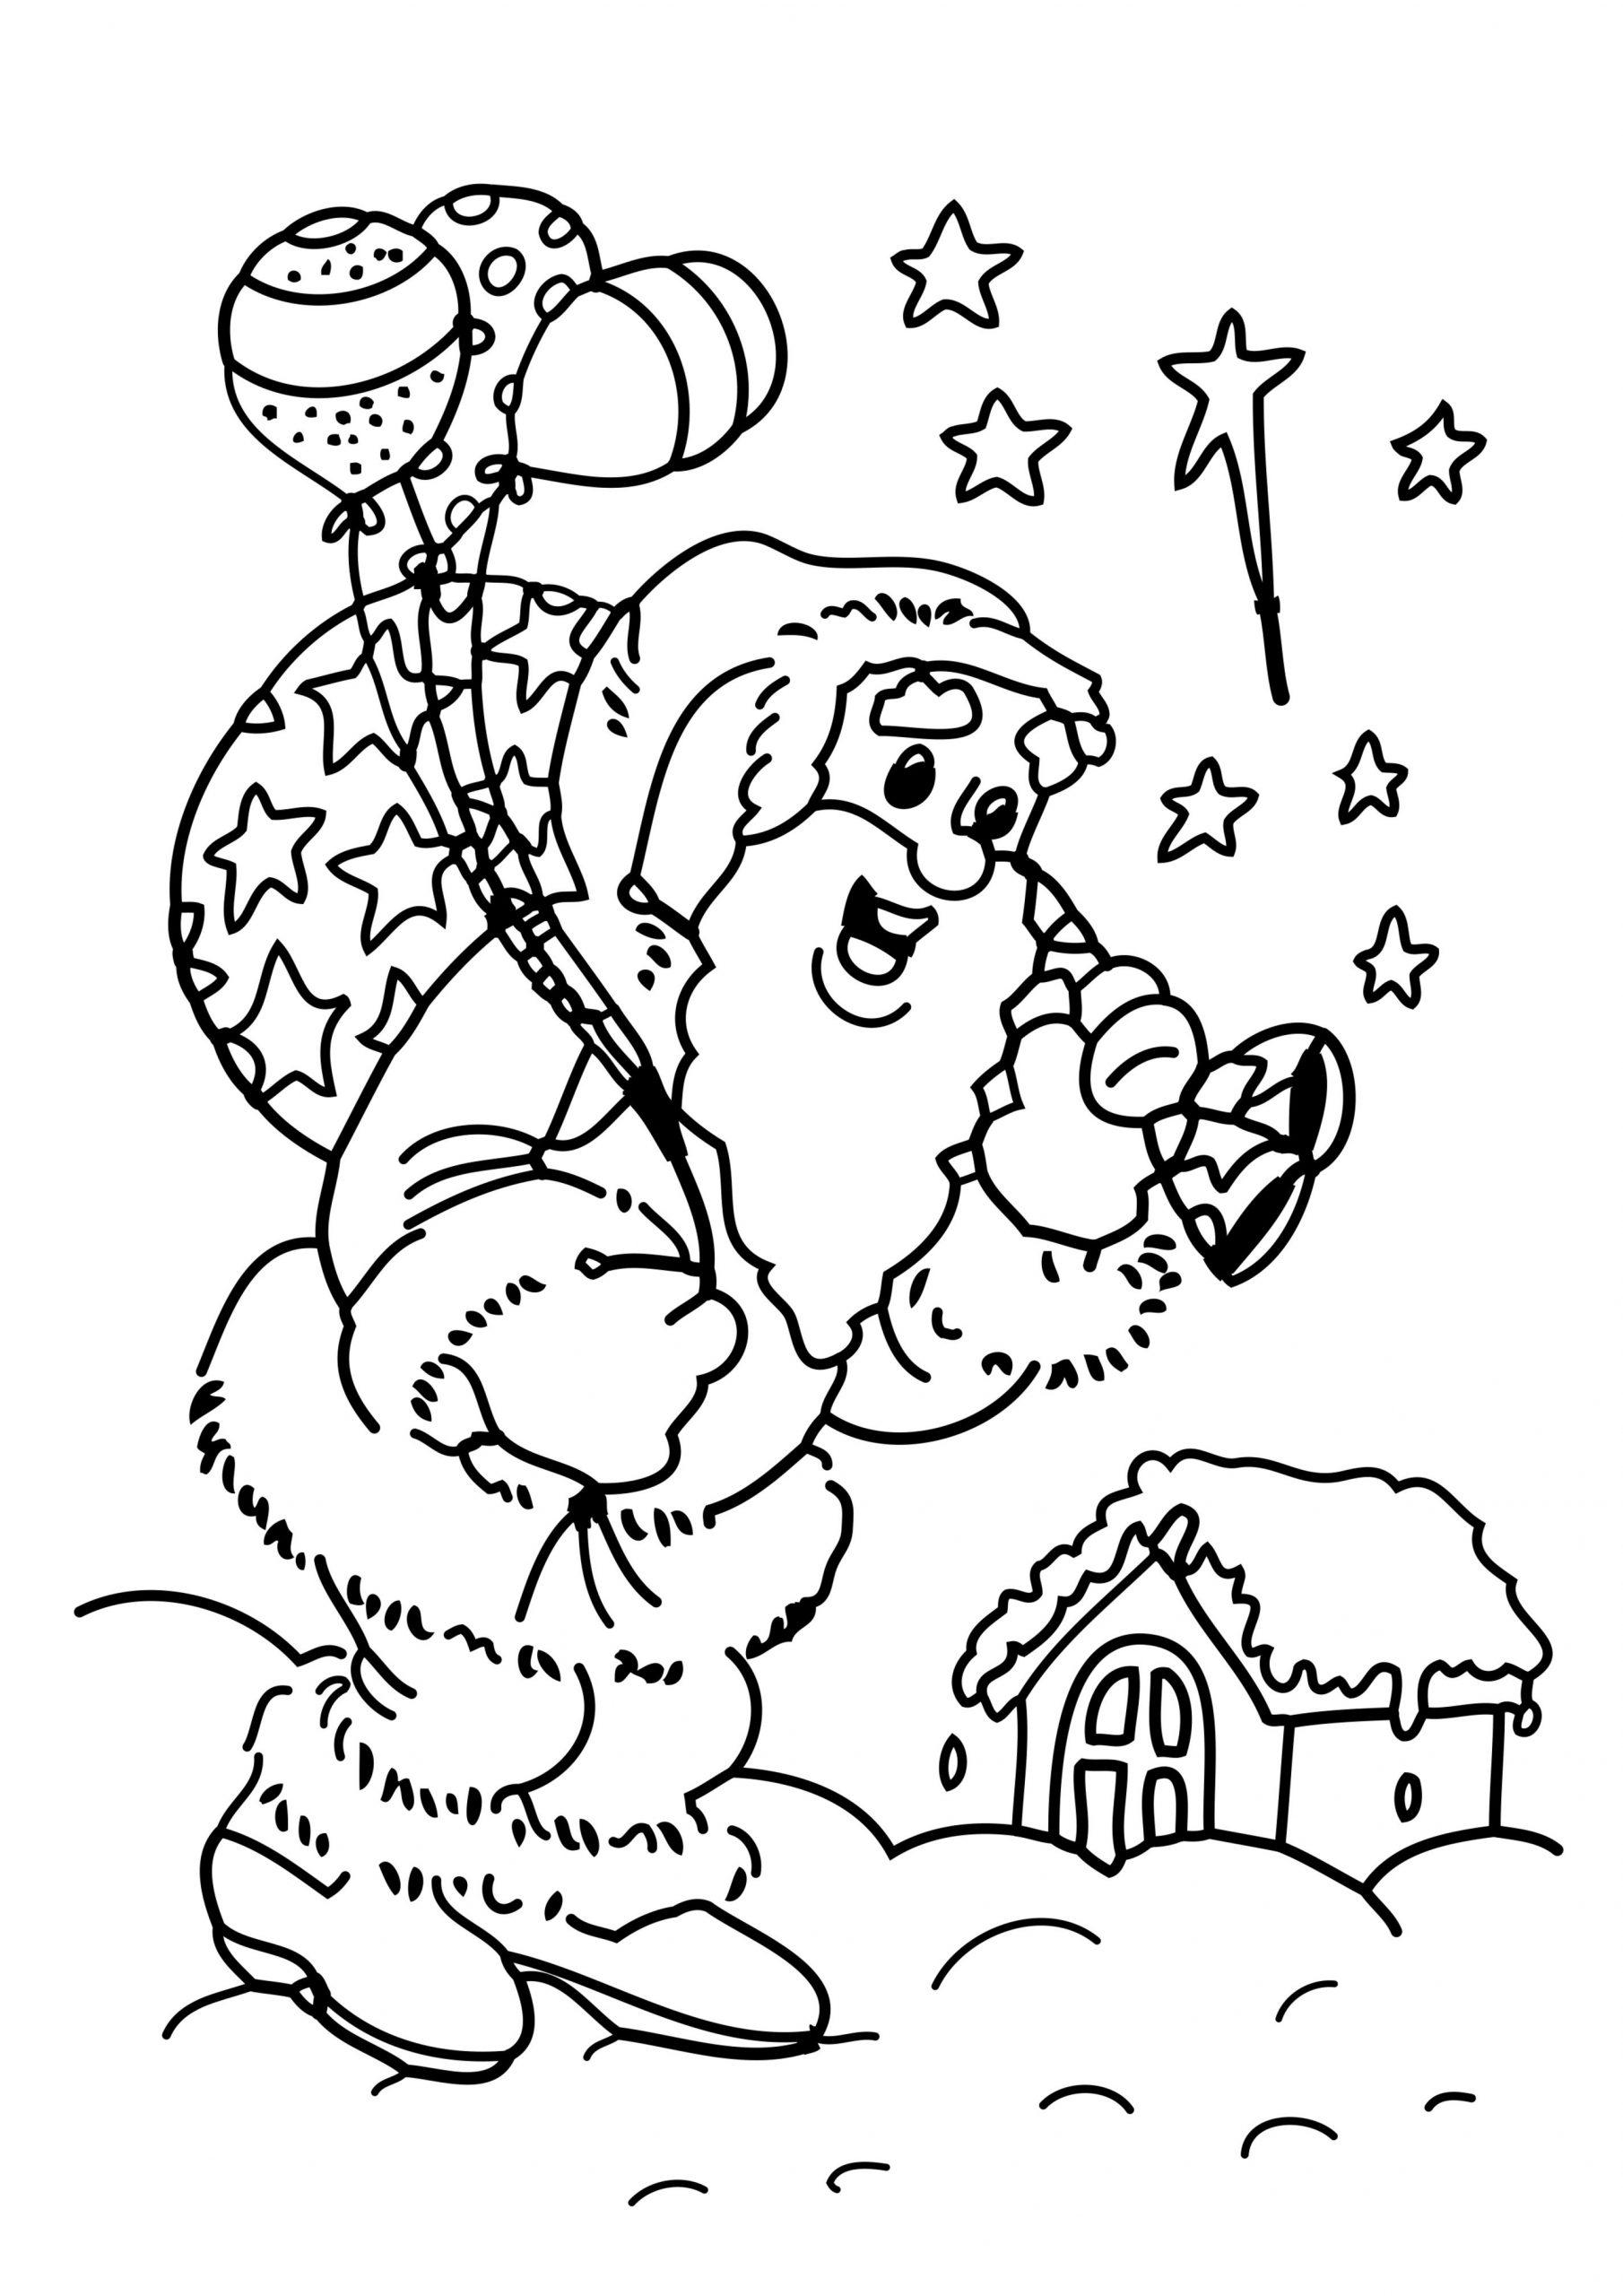 10 Pièce Préférée Coloriage Pere Noel A Imprimer Images dedans Coloriage De Père Noel Gratuit A Imprimer